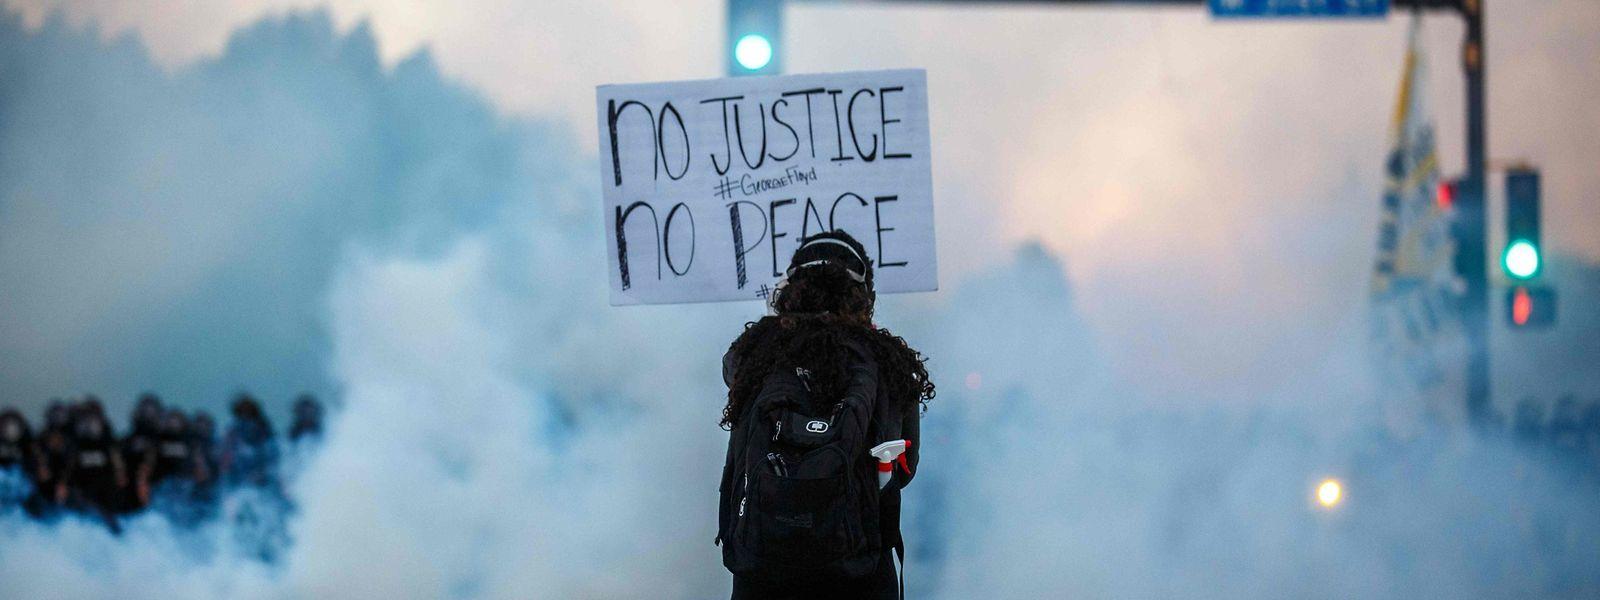 In Minneapolis, wo George Floyd bei einem brutalen Polizeieinsatz starb, gehen die Proteste weiter.